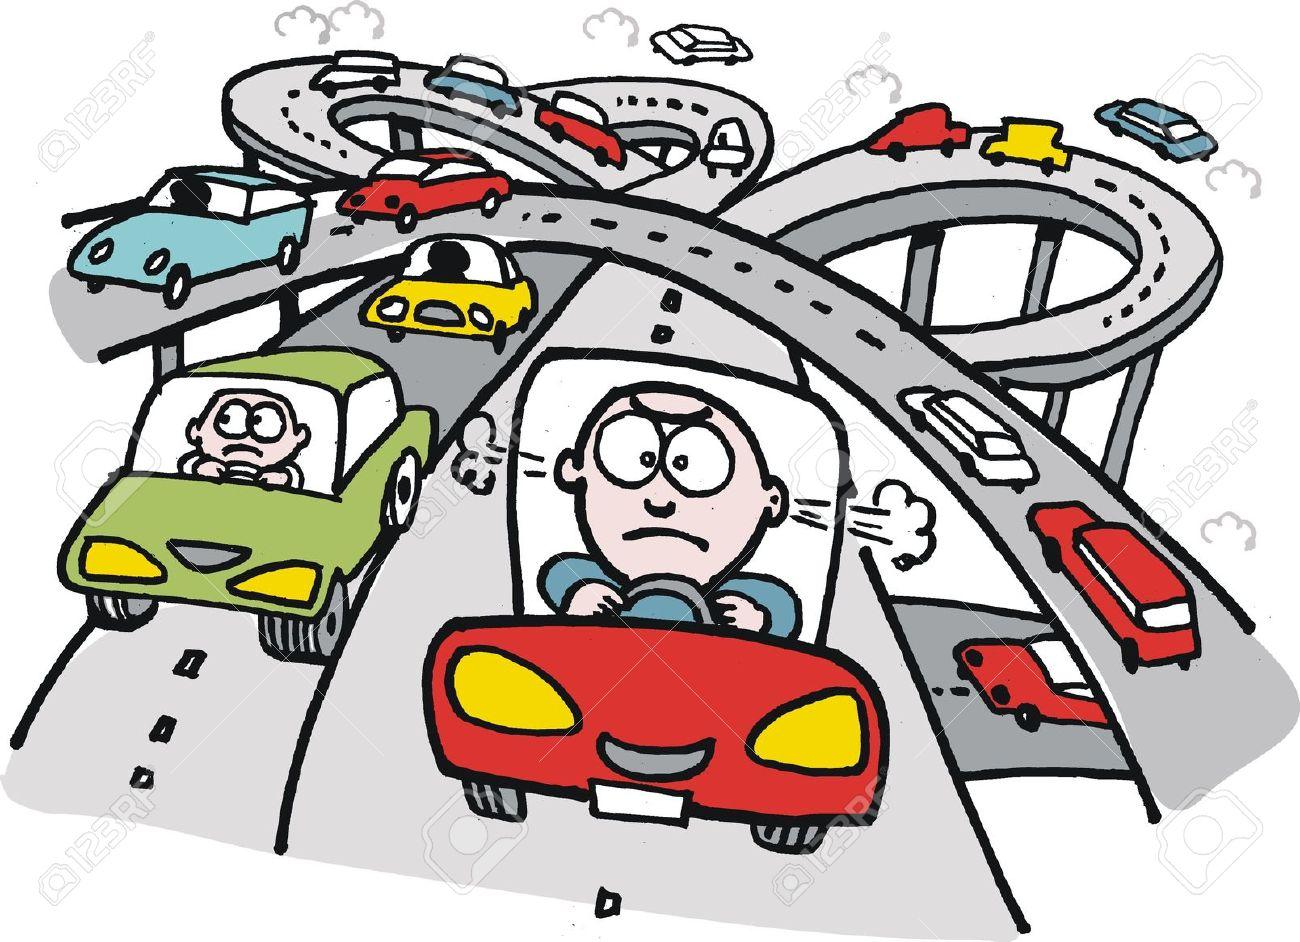 Motorist in a car clipart.